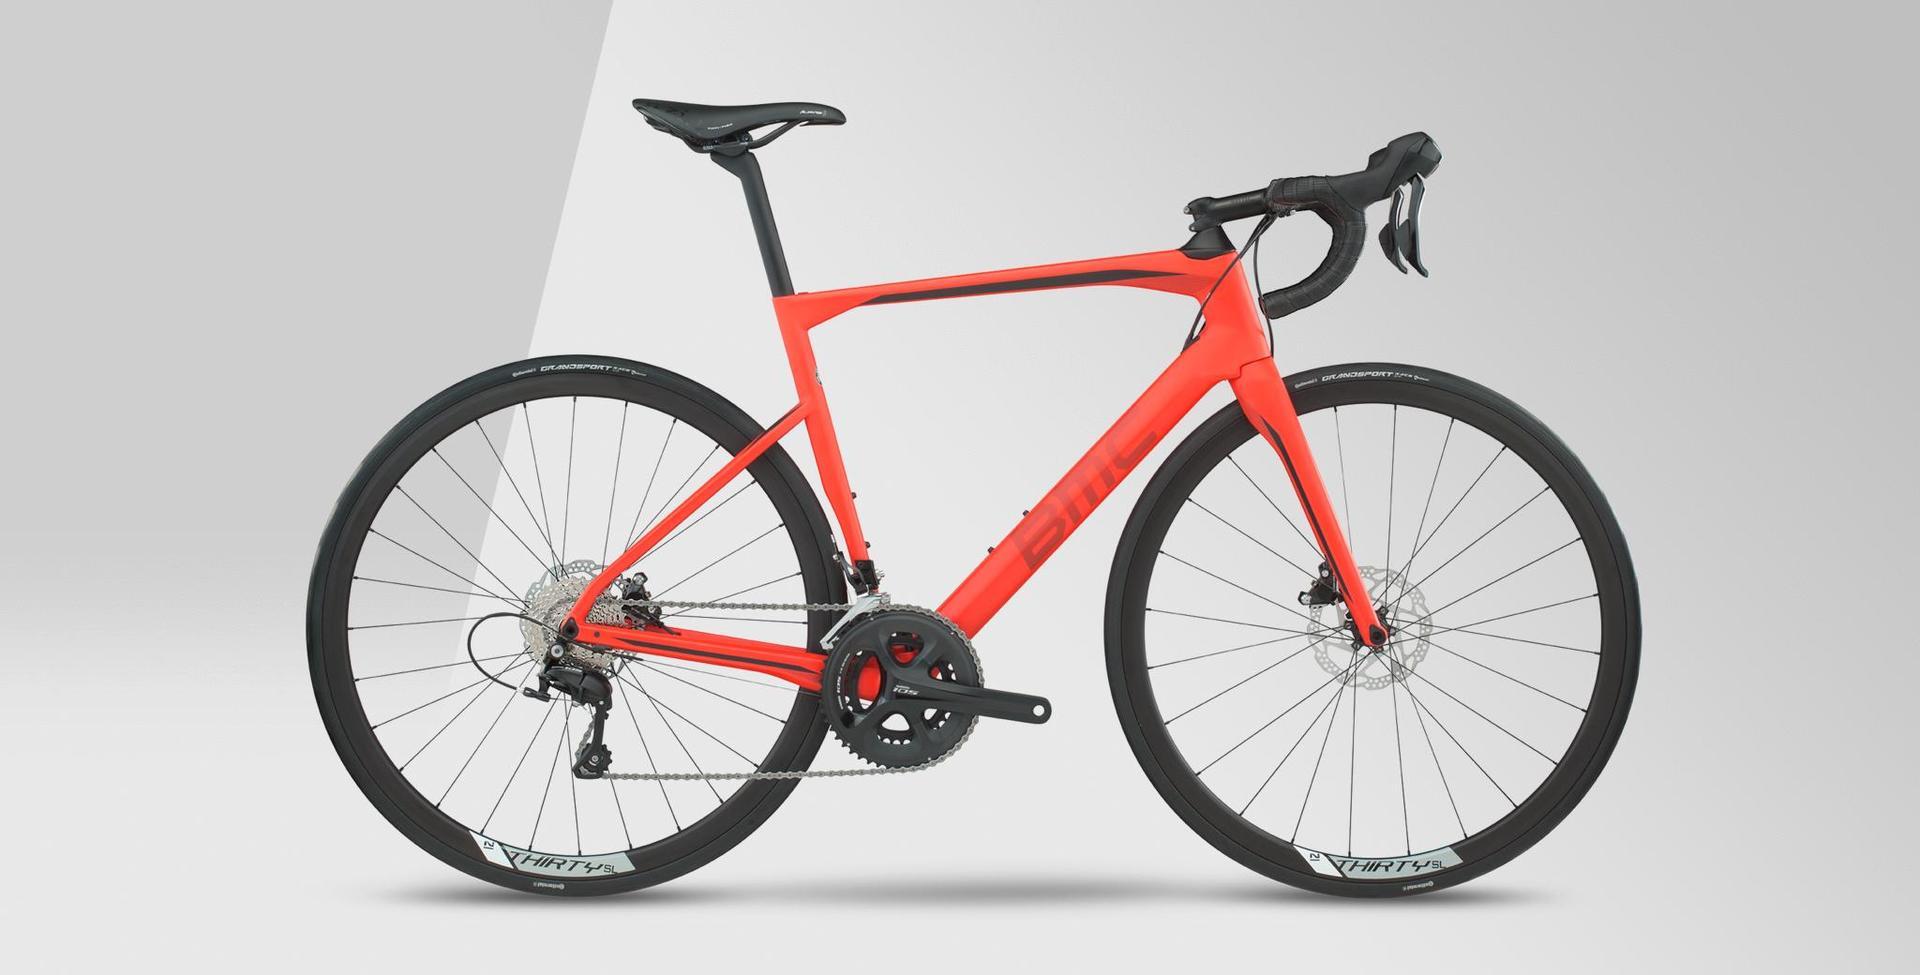 bicicletta da strada con telaio arancione